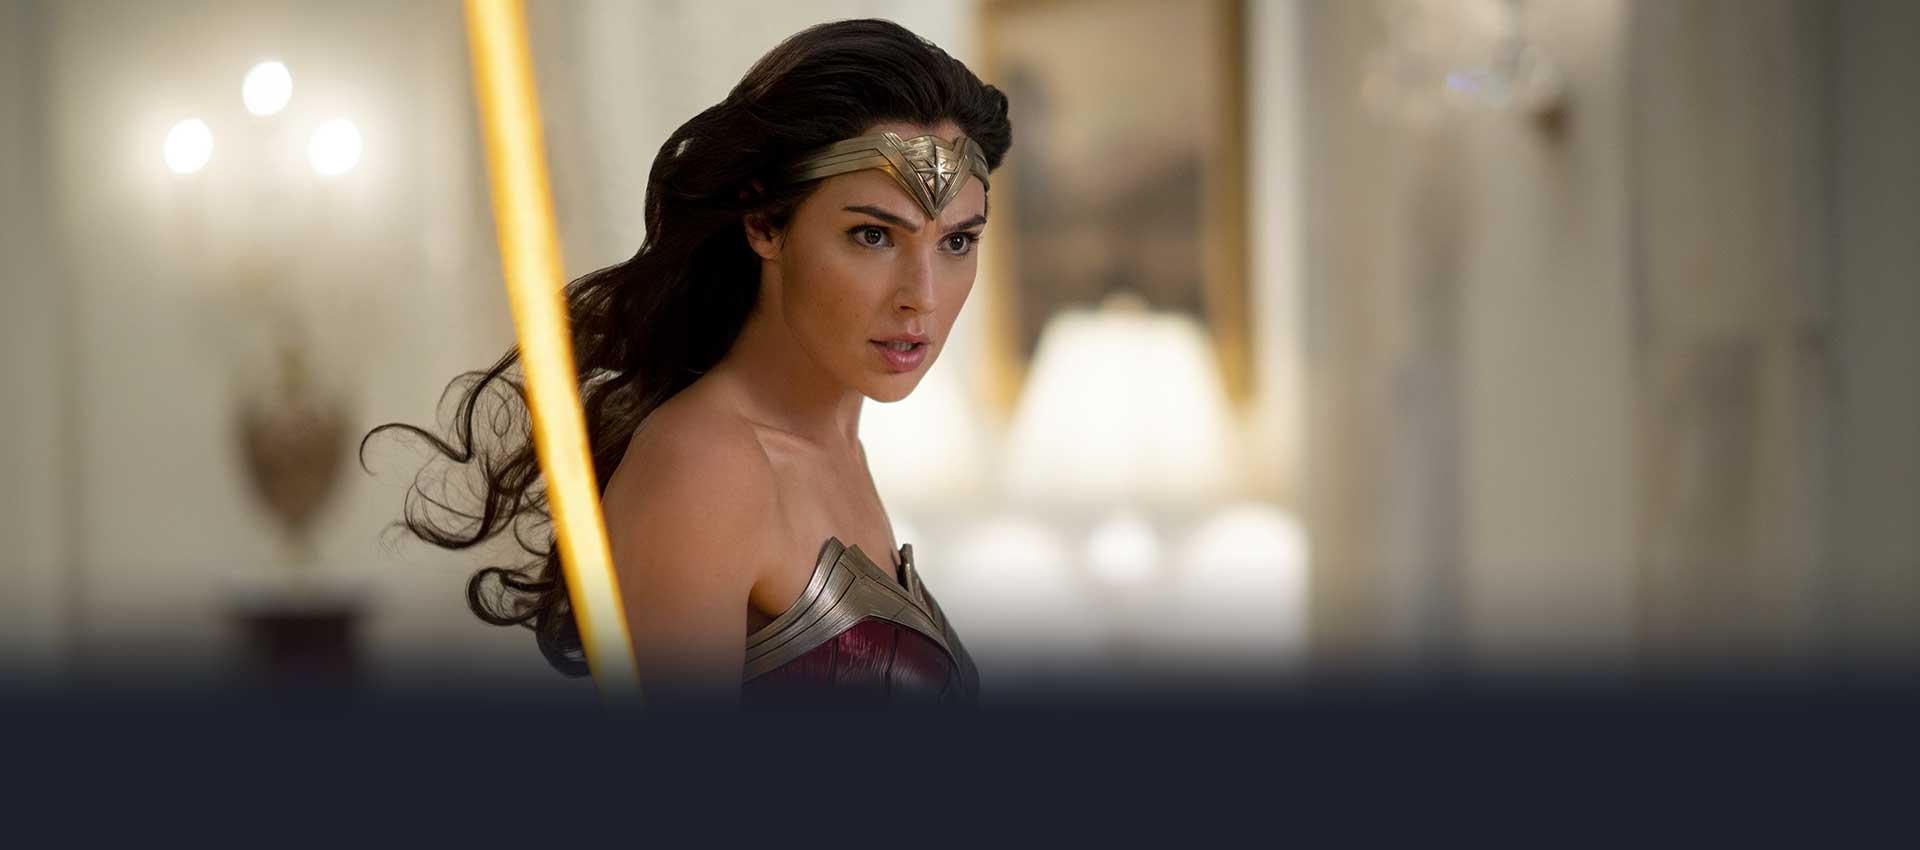 Wonder Woman 1984 izle türkçe izle hd izle